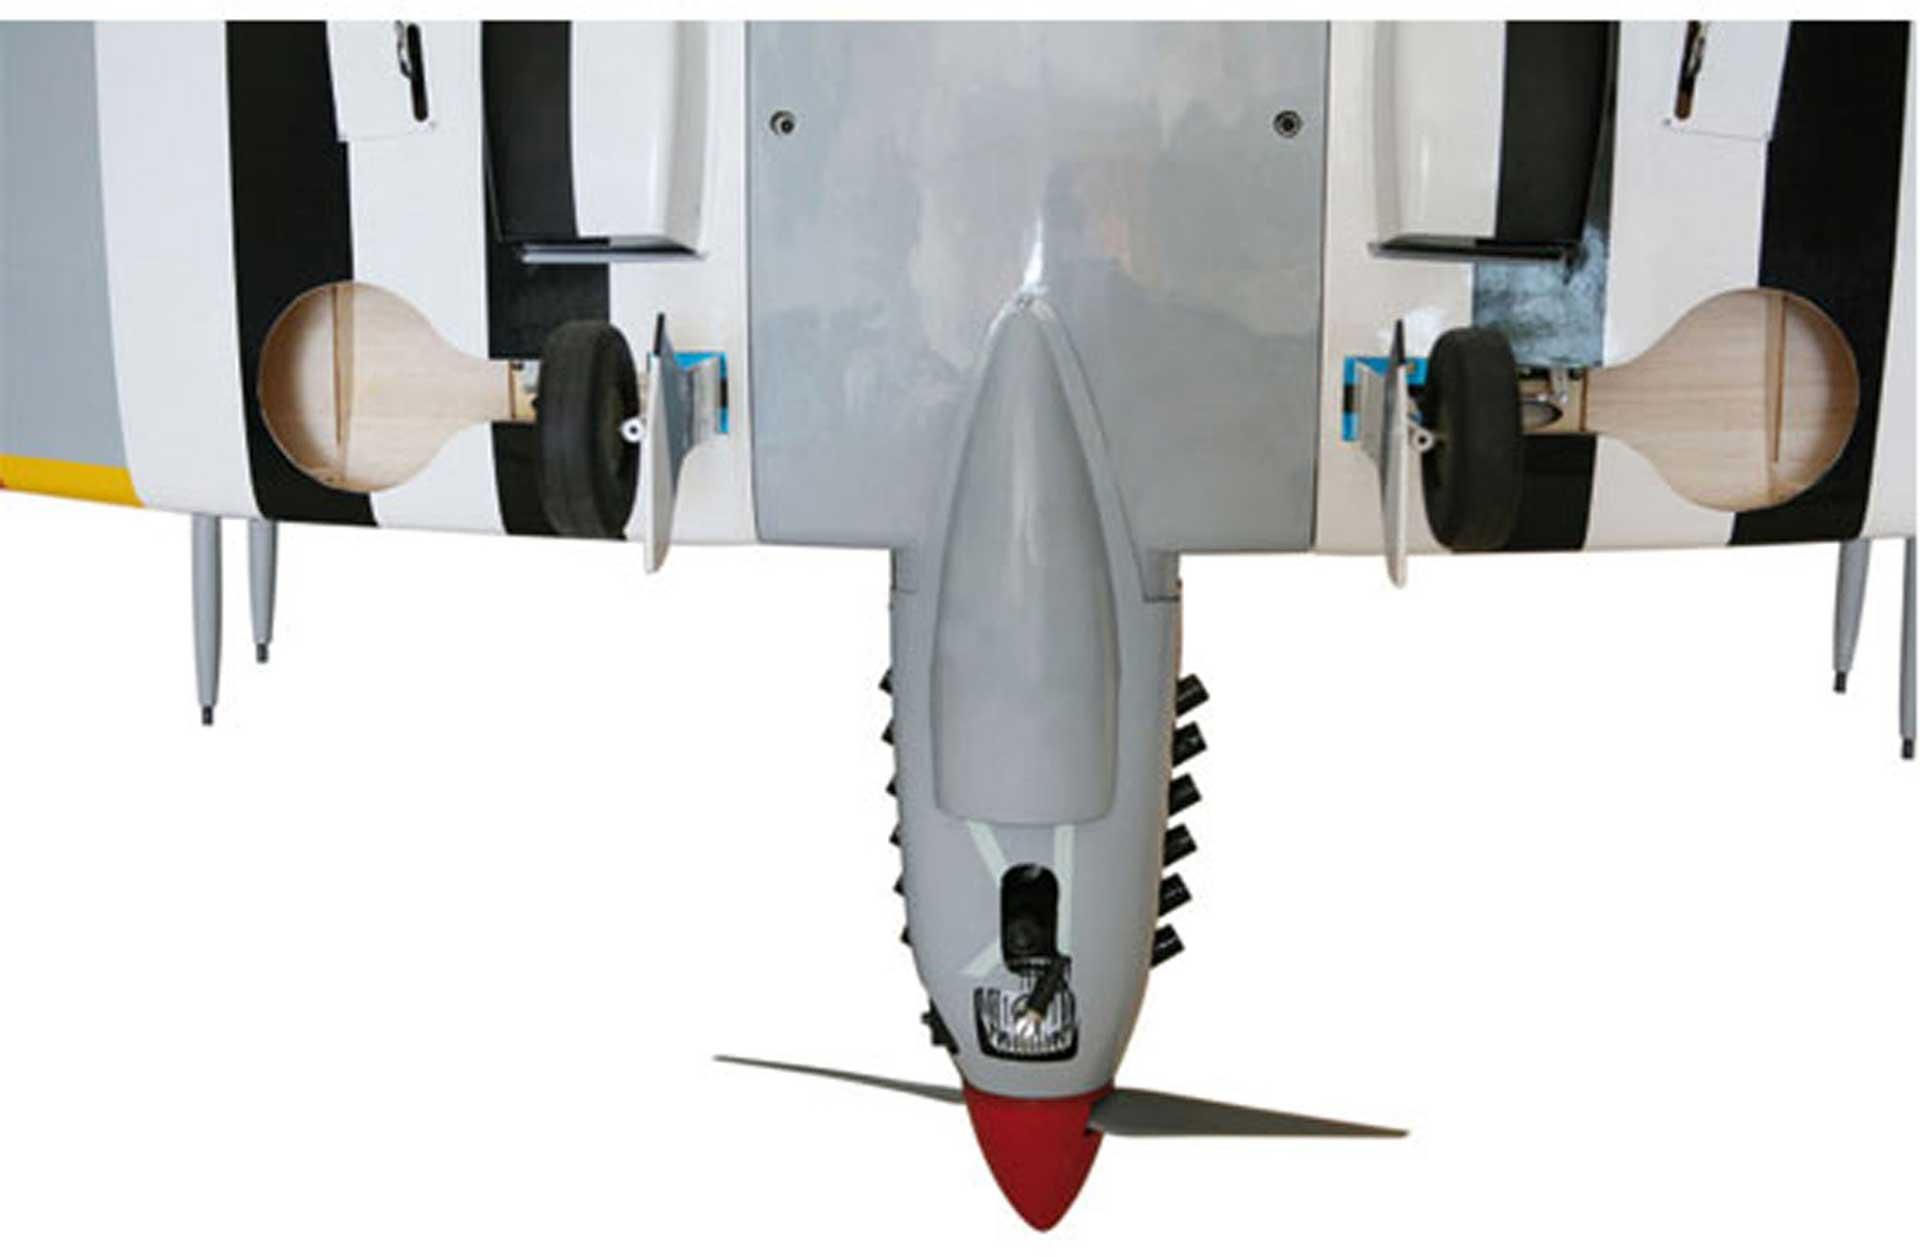 SG-MODELS SPITFIRE 2,0M ARF WARBIRD MIT MECH. EINZIEHF AHRWERK, ELEKTRO-, ODER VERBRENNERVERSIO